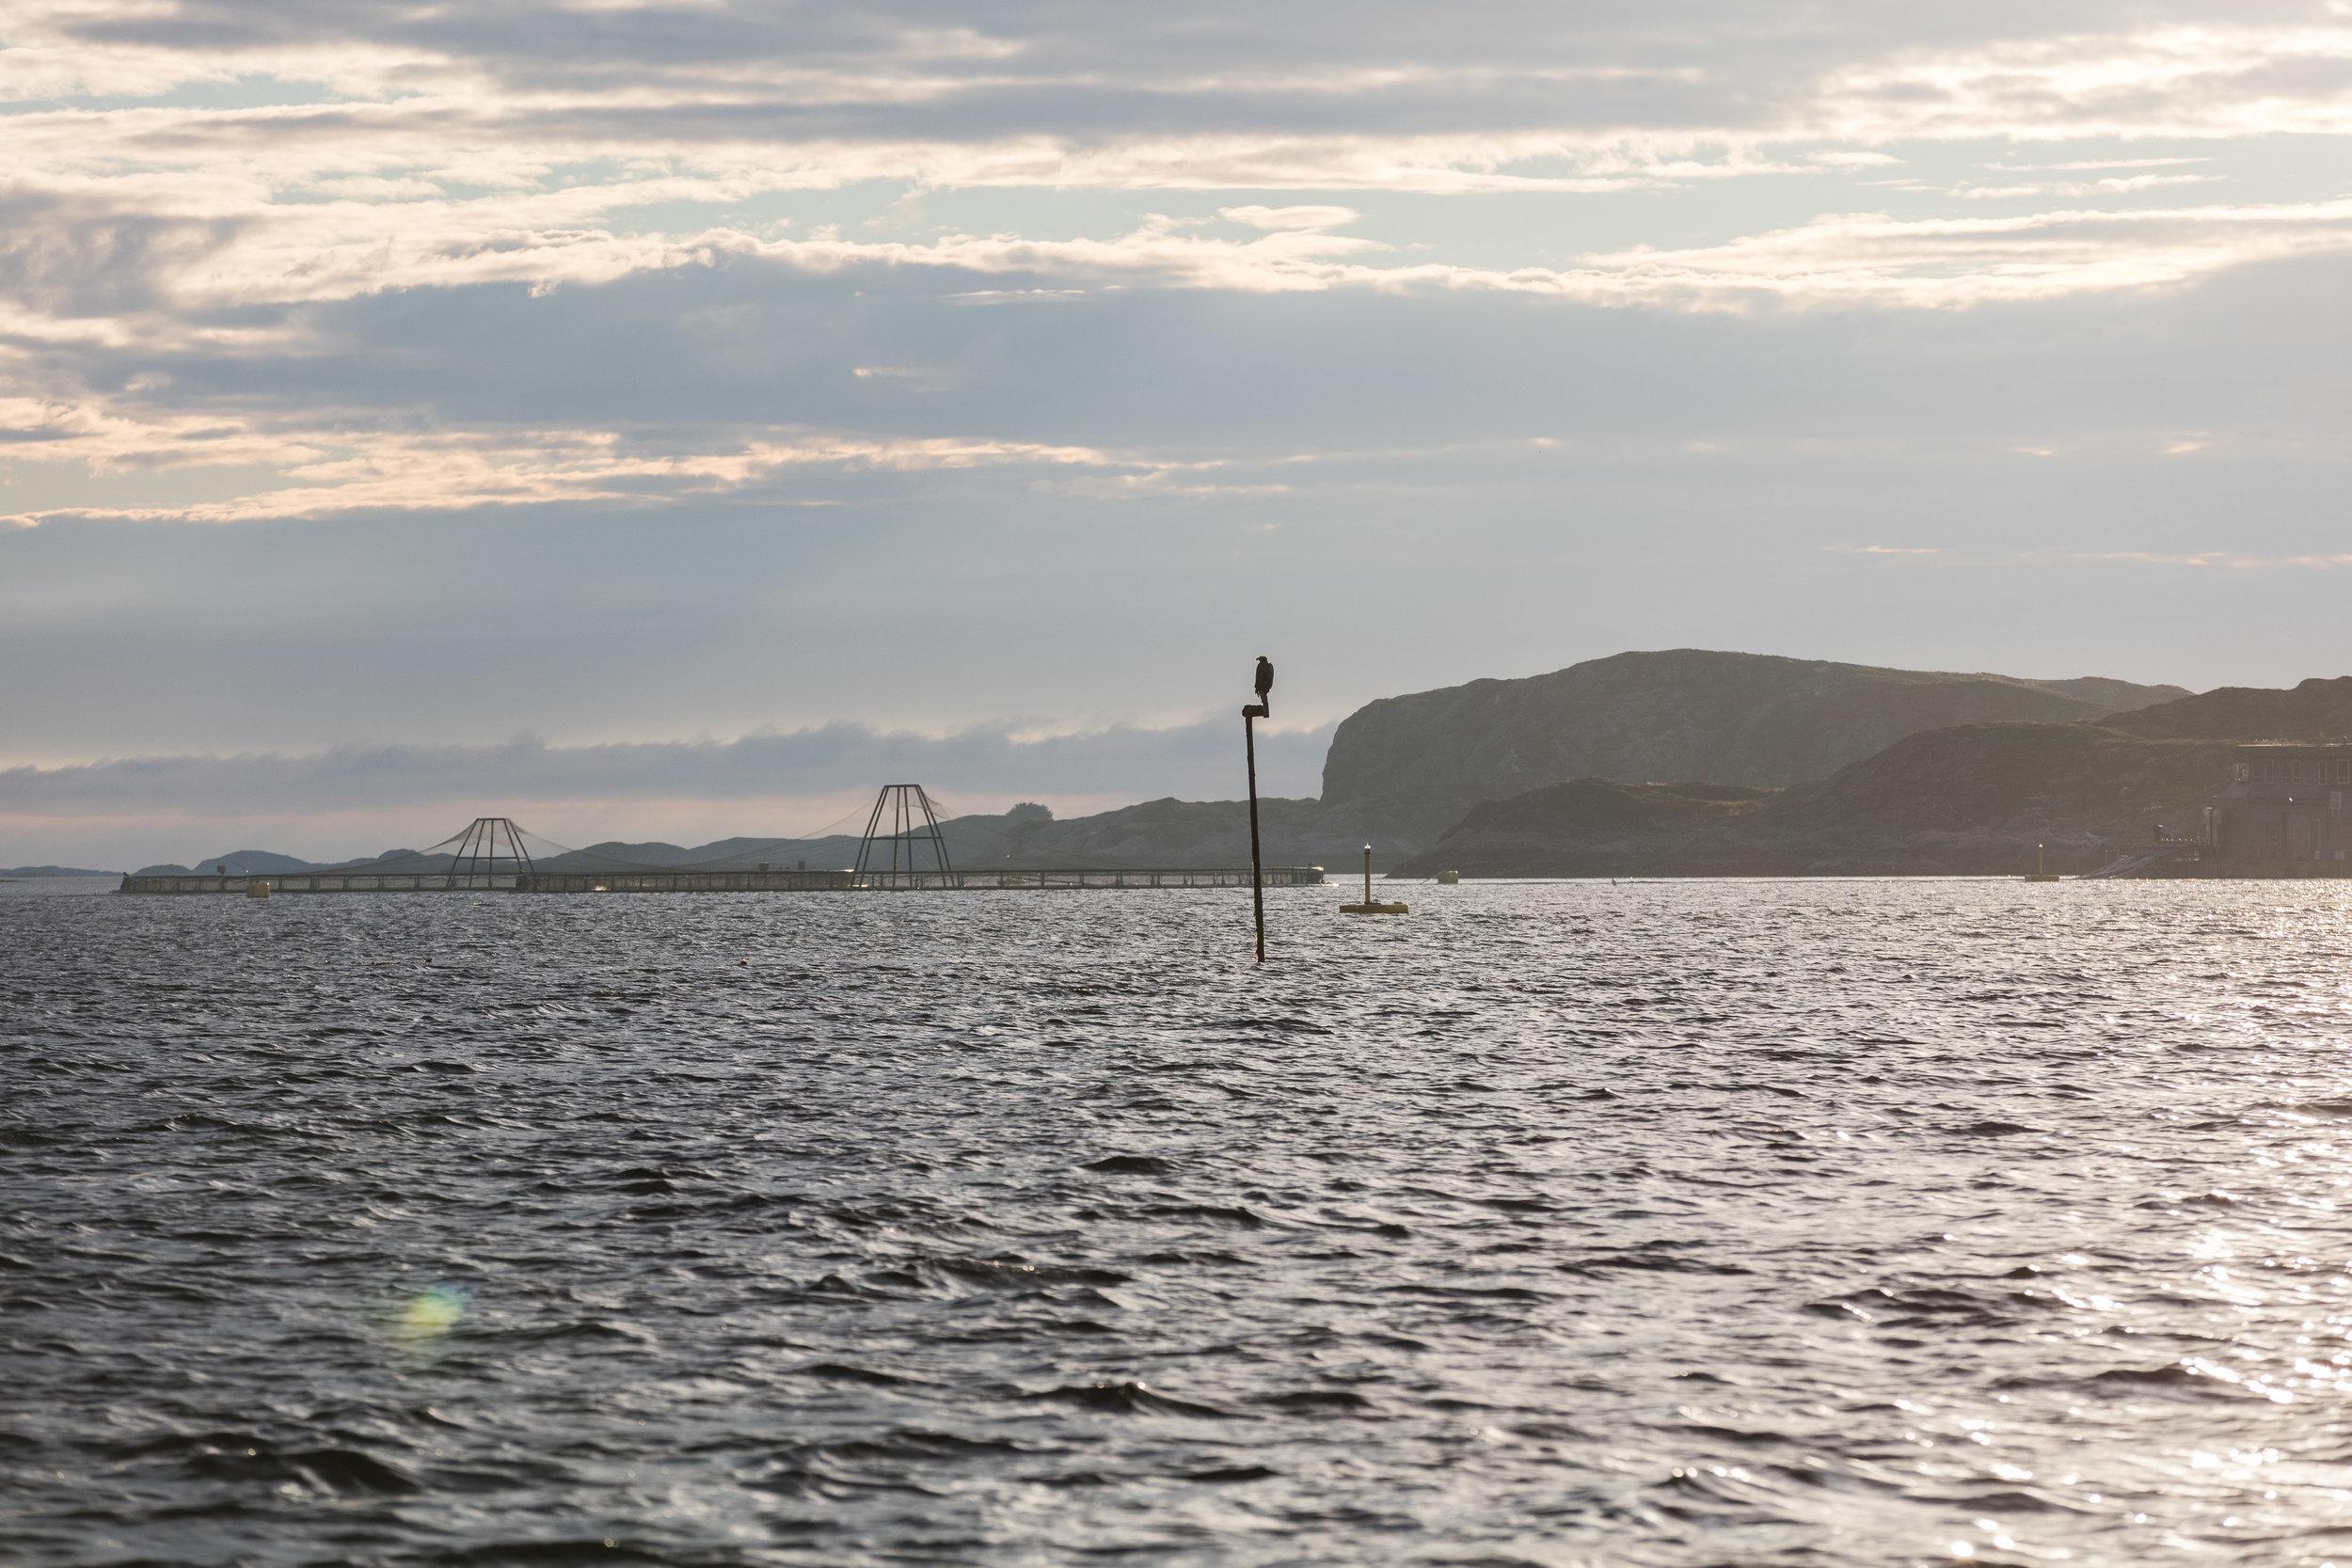 Ørn-Hitra-Norge-norway-fotoknoff-sven-erik-knoff-1091.jpg